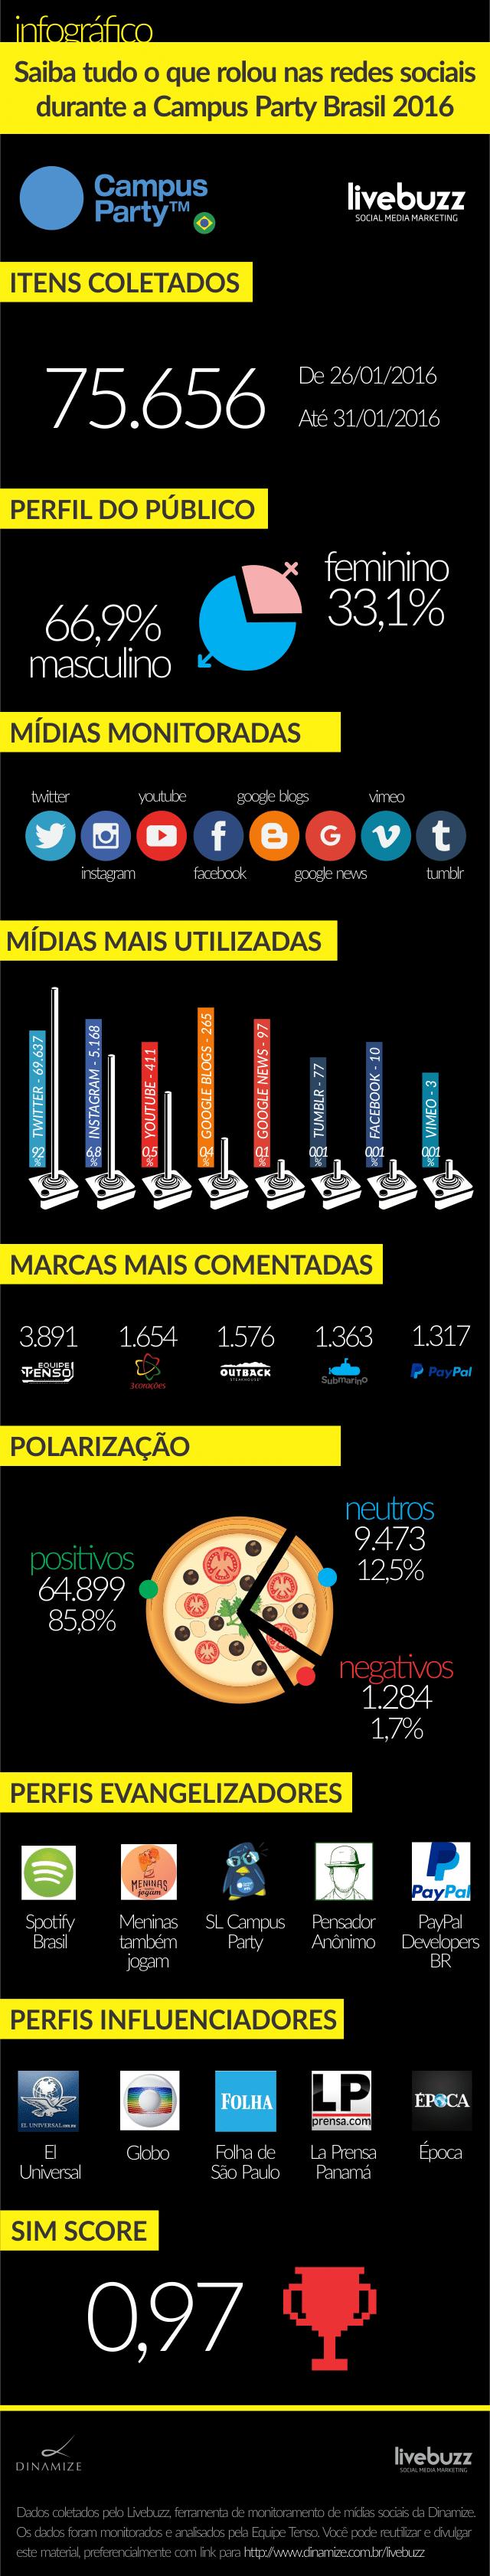 Infográfico do monitoramento da Campus Party Brasil 2016 feito pela Equipe Tenso utilizando o Livebuzz